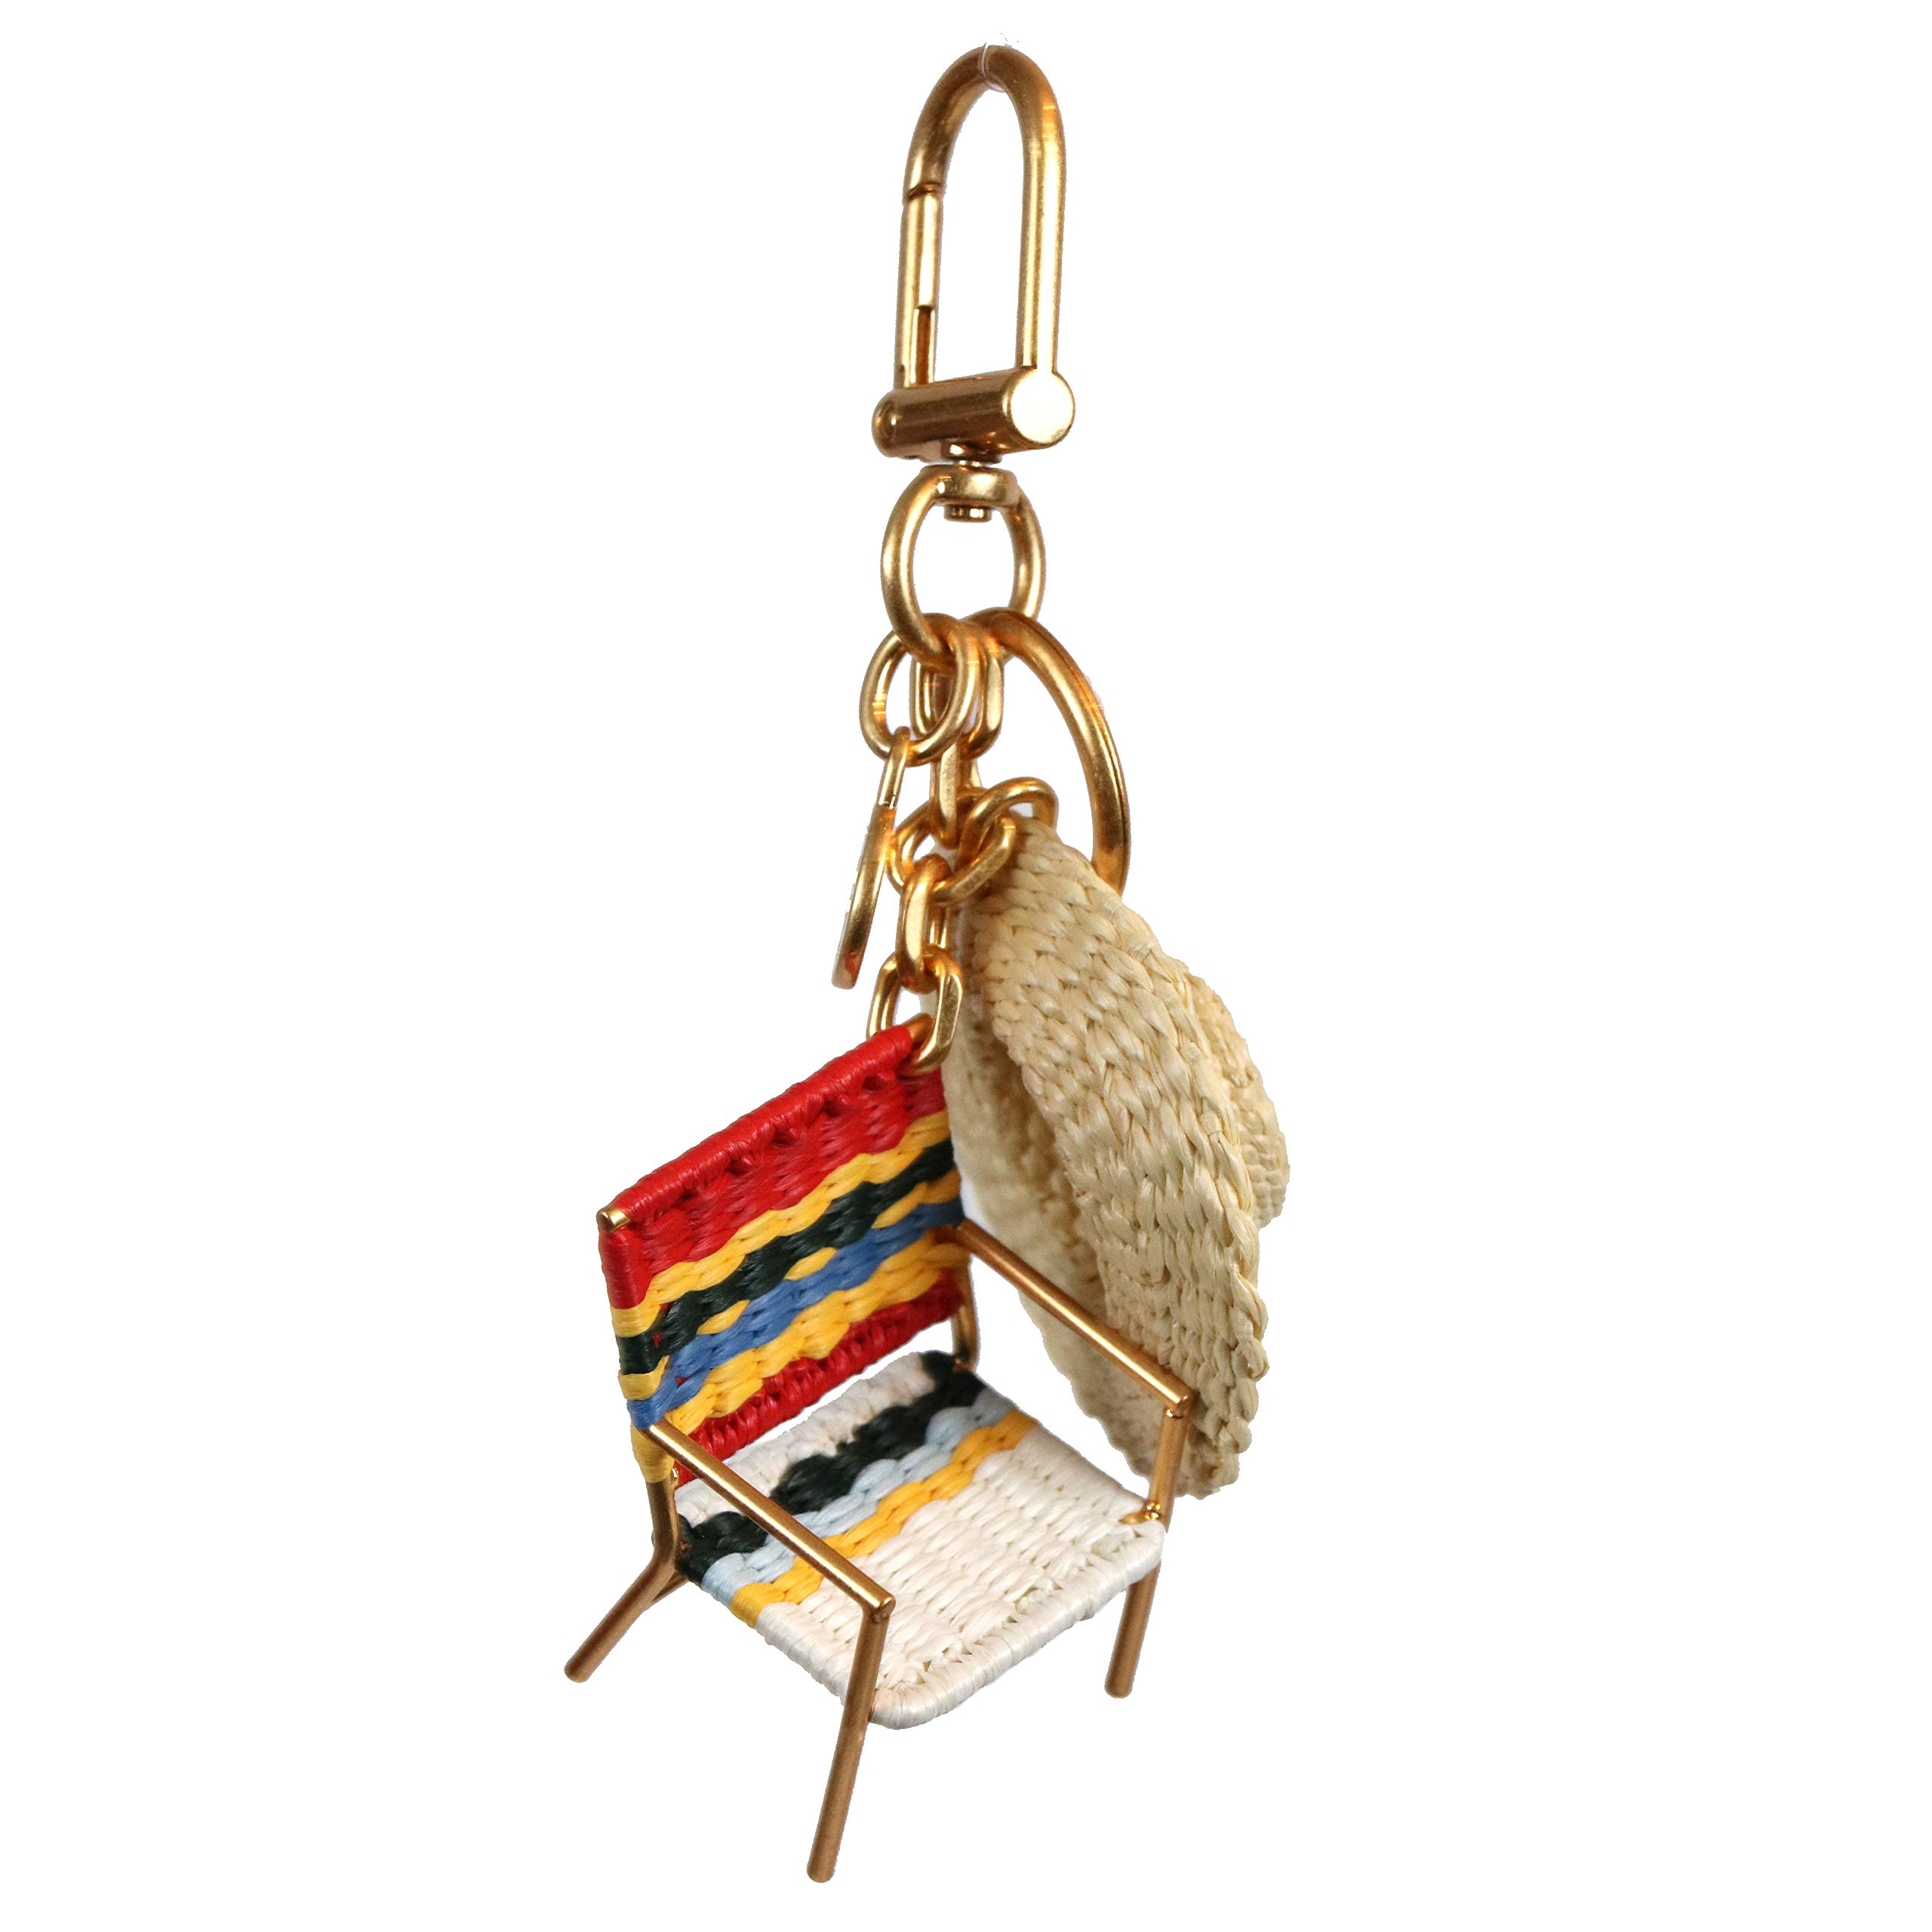 Tory Burch Keychain Keyfob Beach Chair